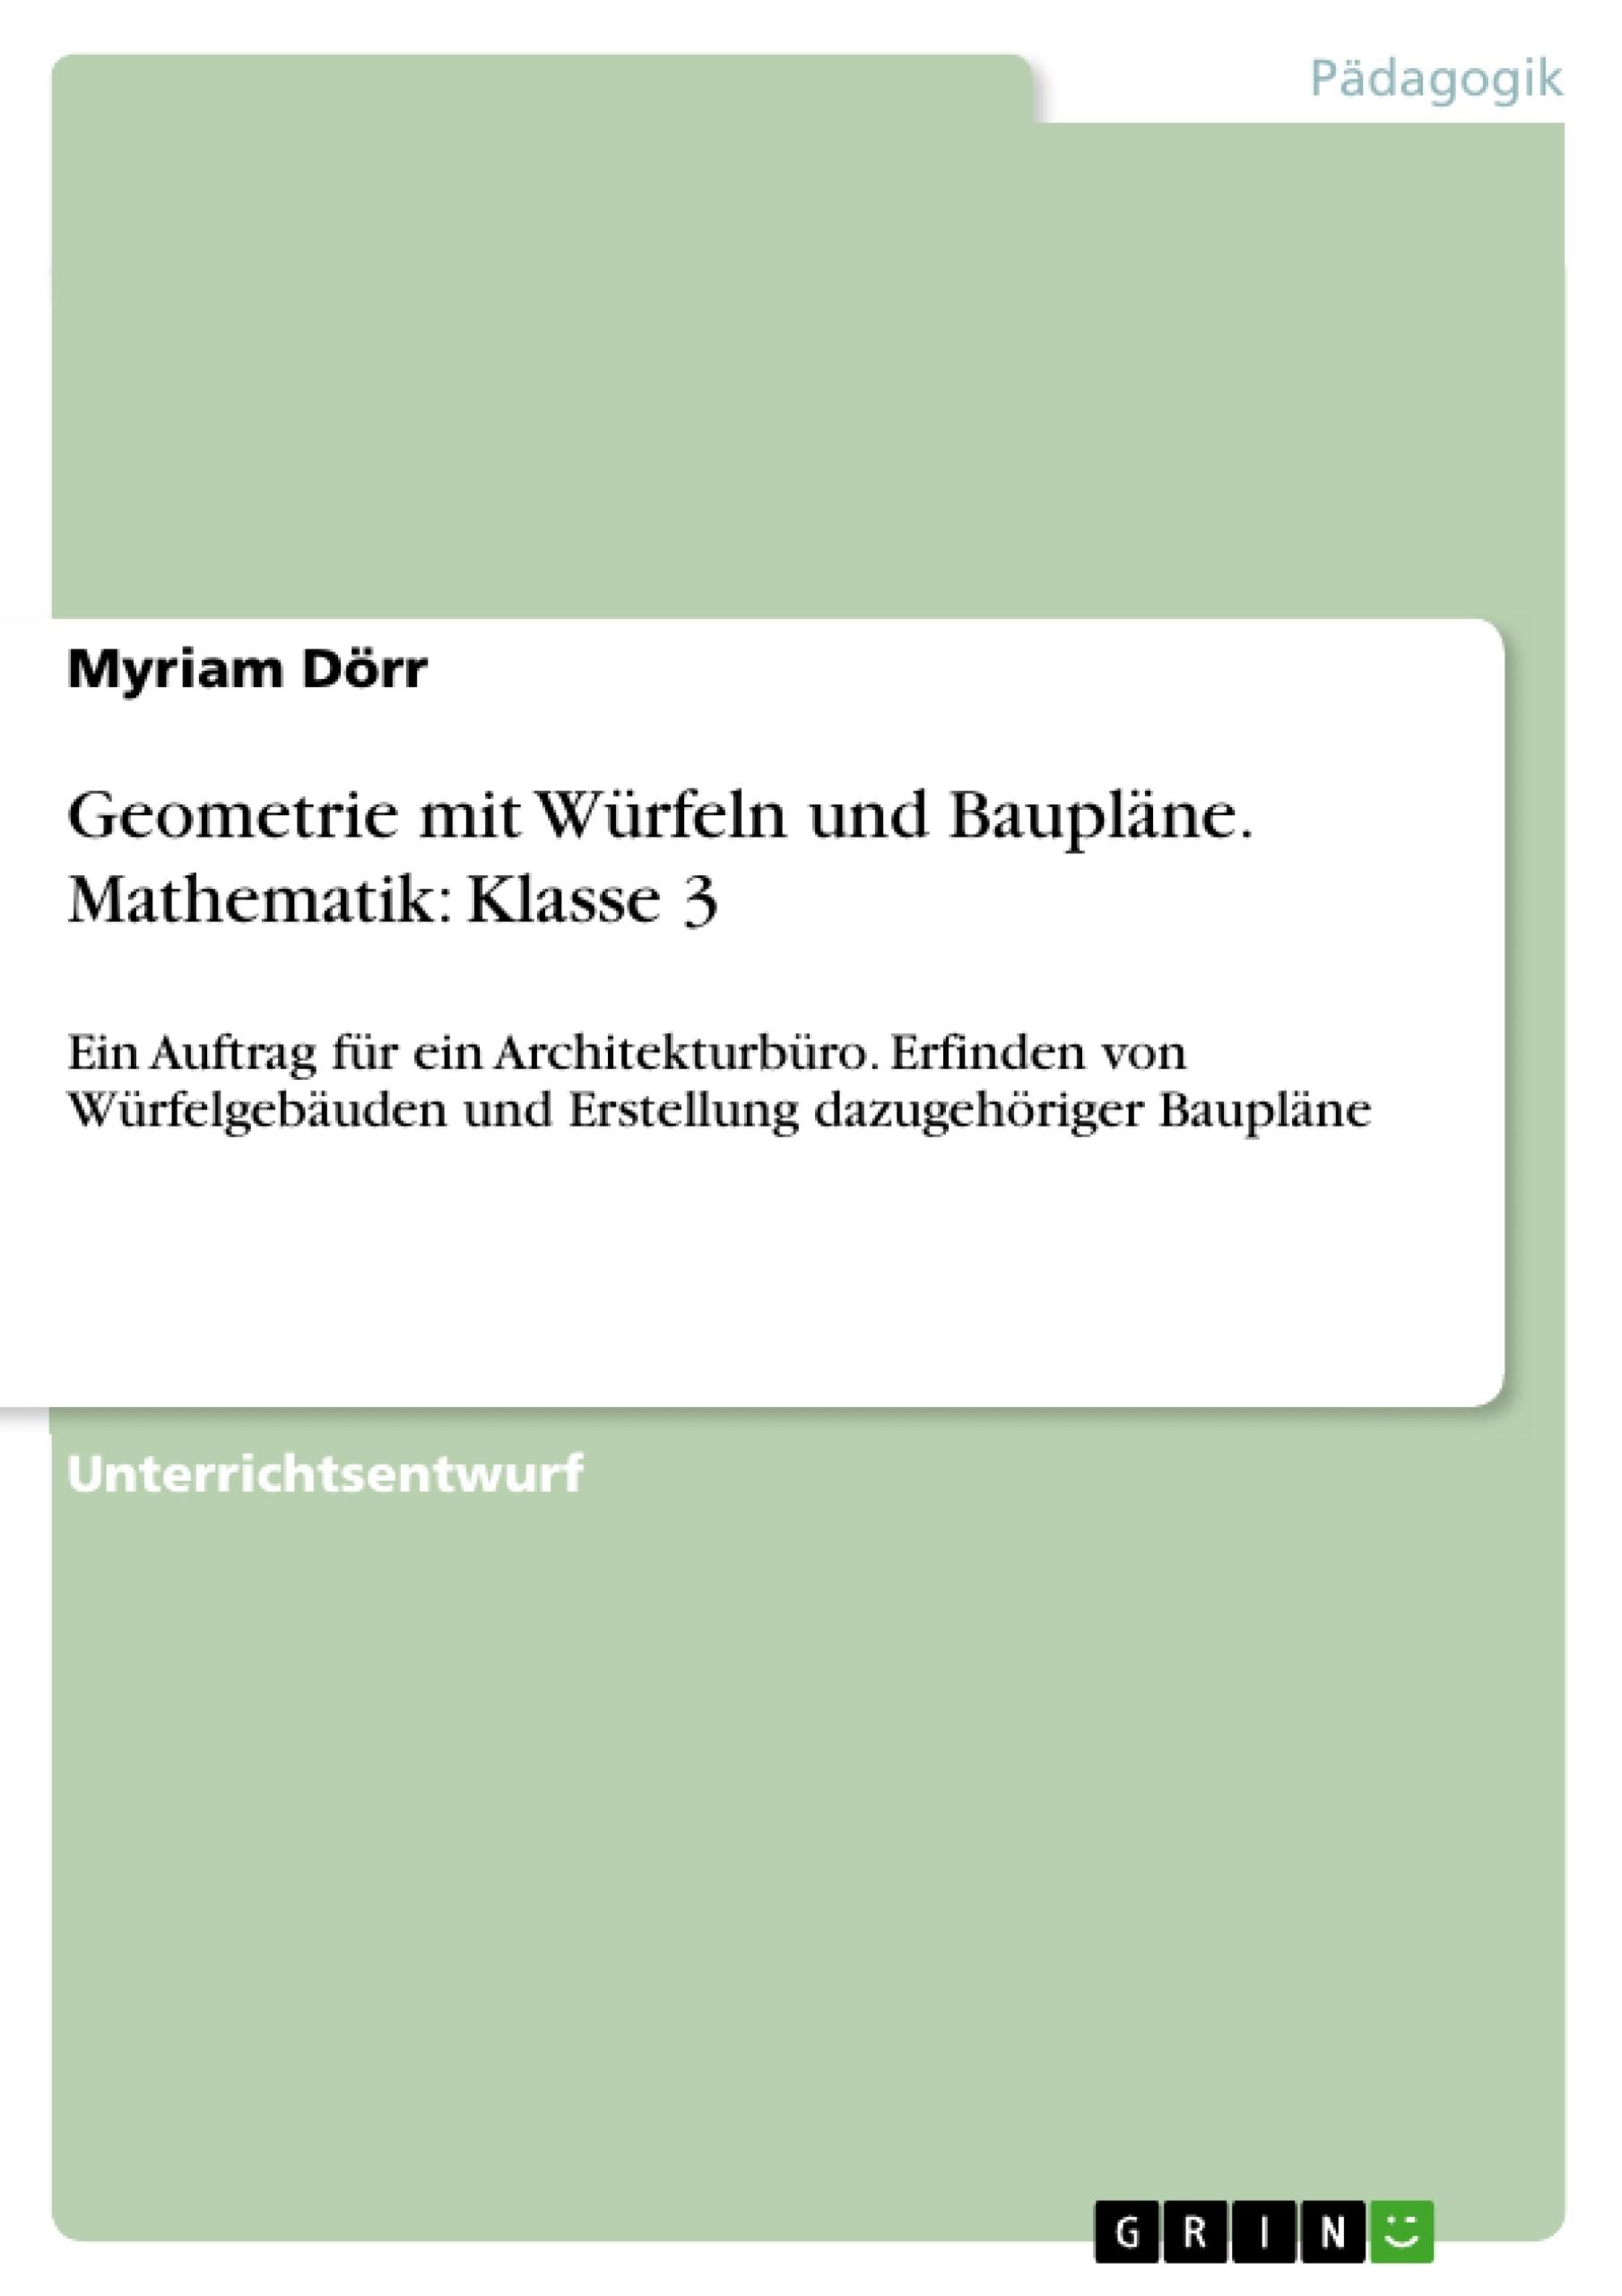 Geometrie mit Würfeln und Baupläne. Mathematik: Klasse 3 ...